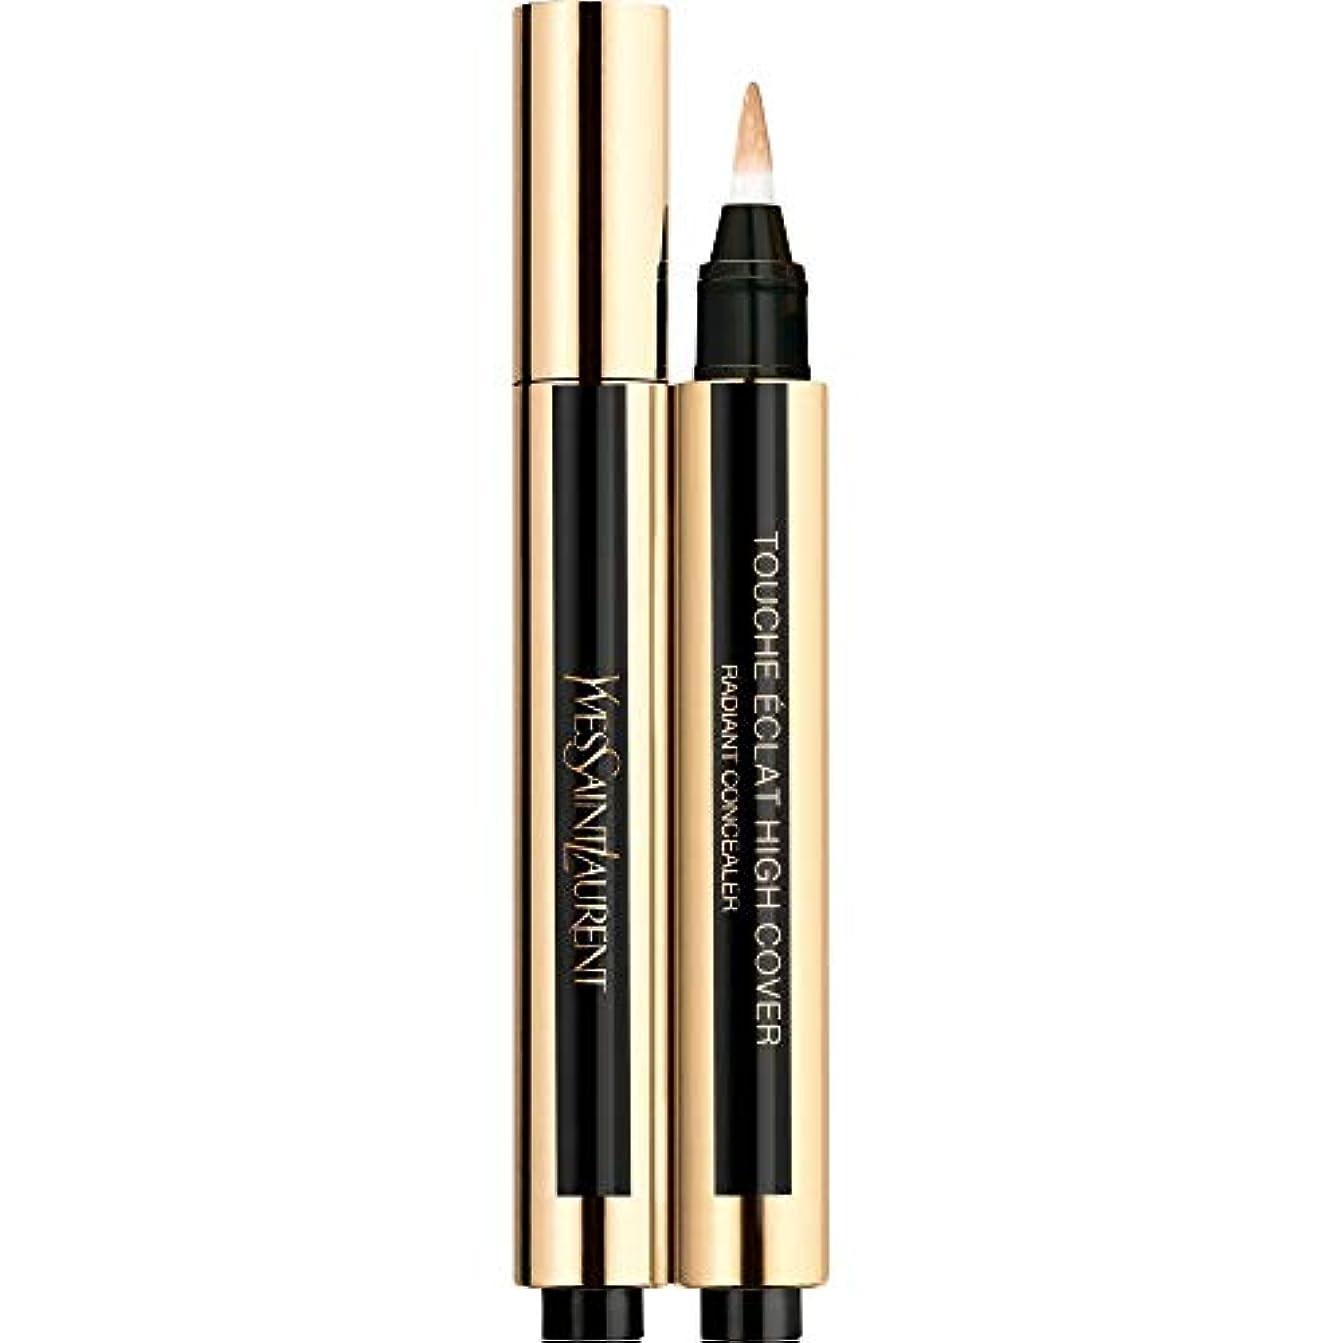 叫び声サイトり[Yves Saint Laurent] イヴ?サンローランのトウシュエクラ高いカバー放射コンシーラーペン2.5ミリリットル3 - アーモンド - Yves Saint Laurent Touche Eclat High Cover Radiant Concealer Pen 2.5ml 3 - Almond [並行輸入品]